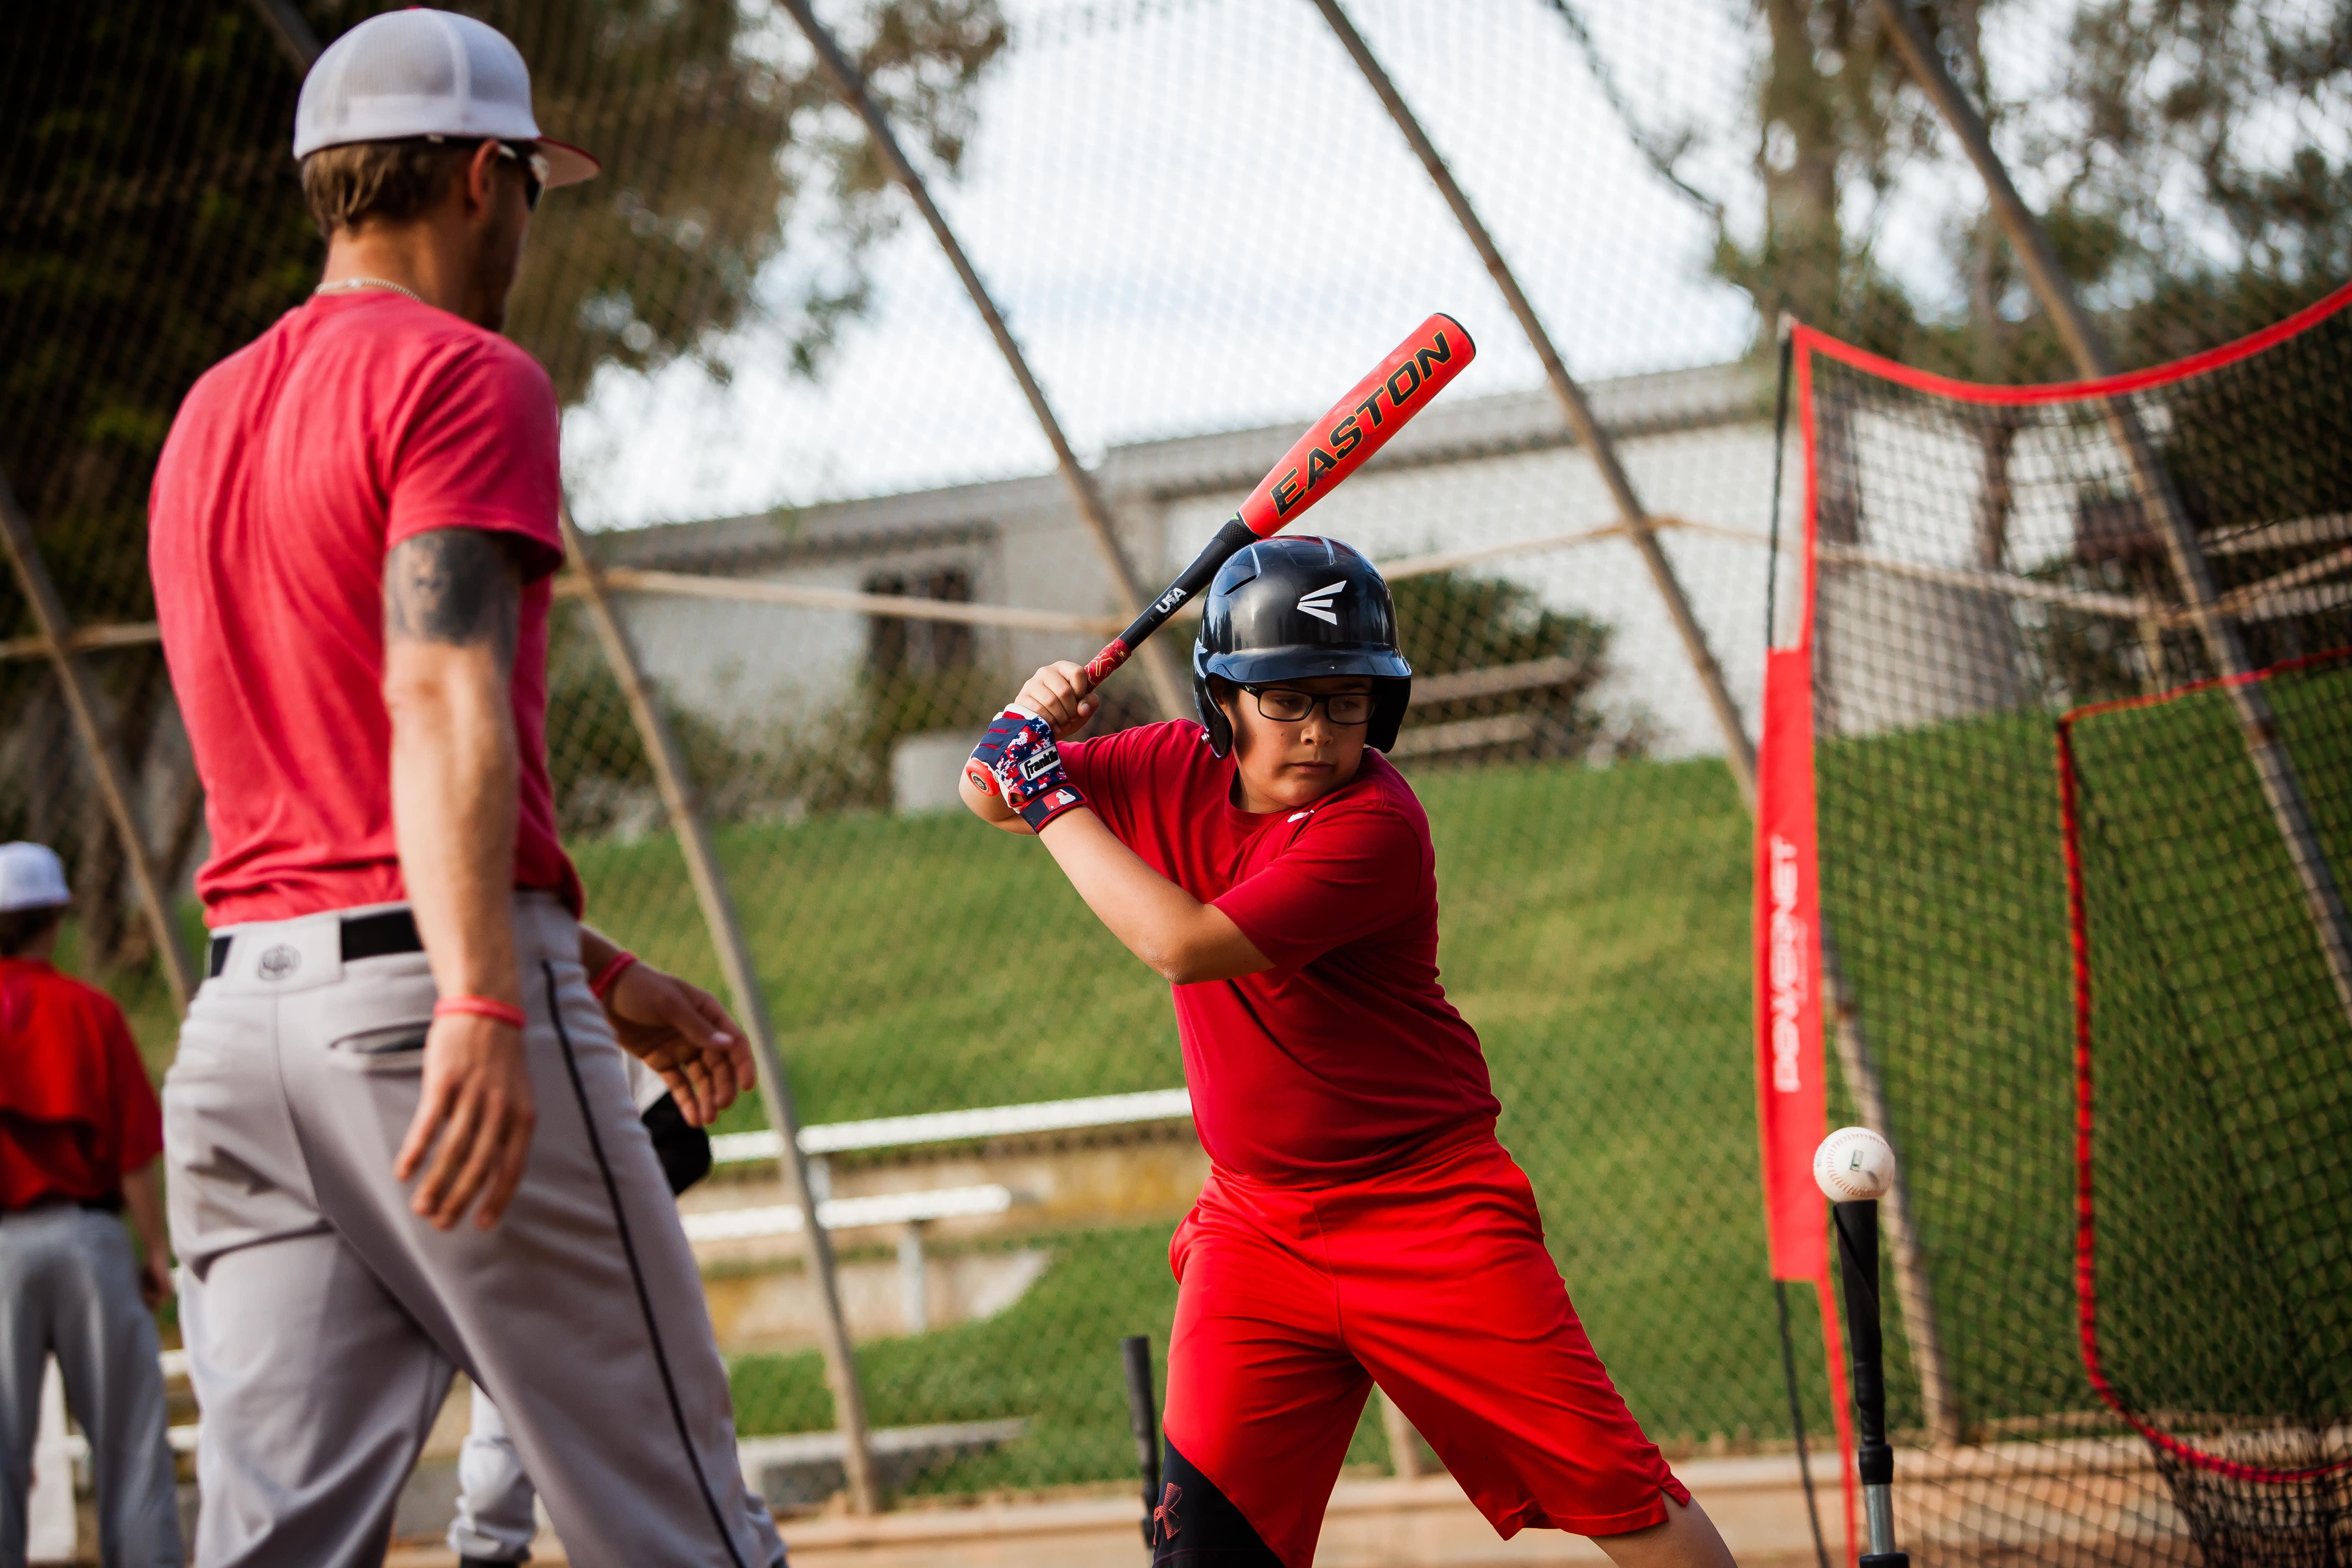 Baseball Trainers in Santa Monica, CA | MADE Baseball